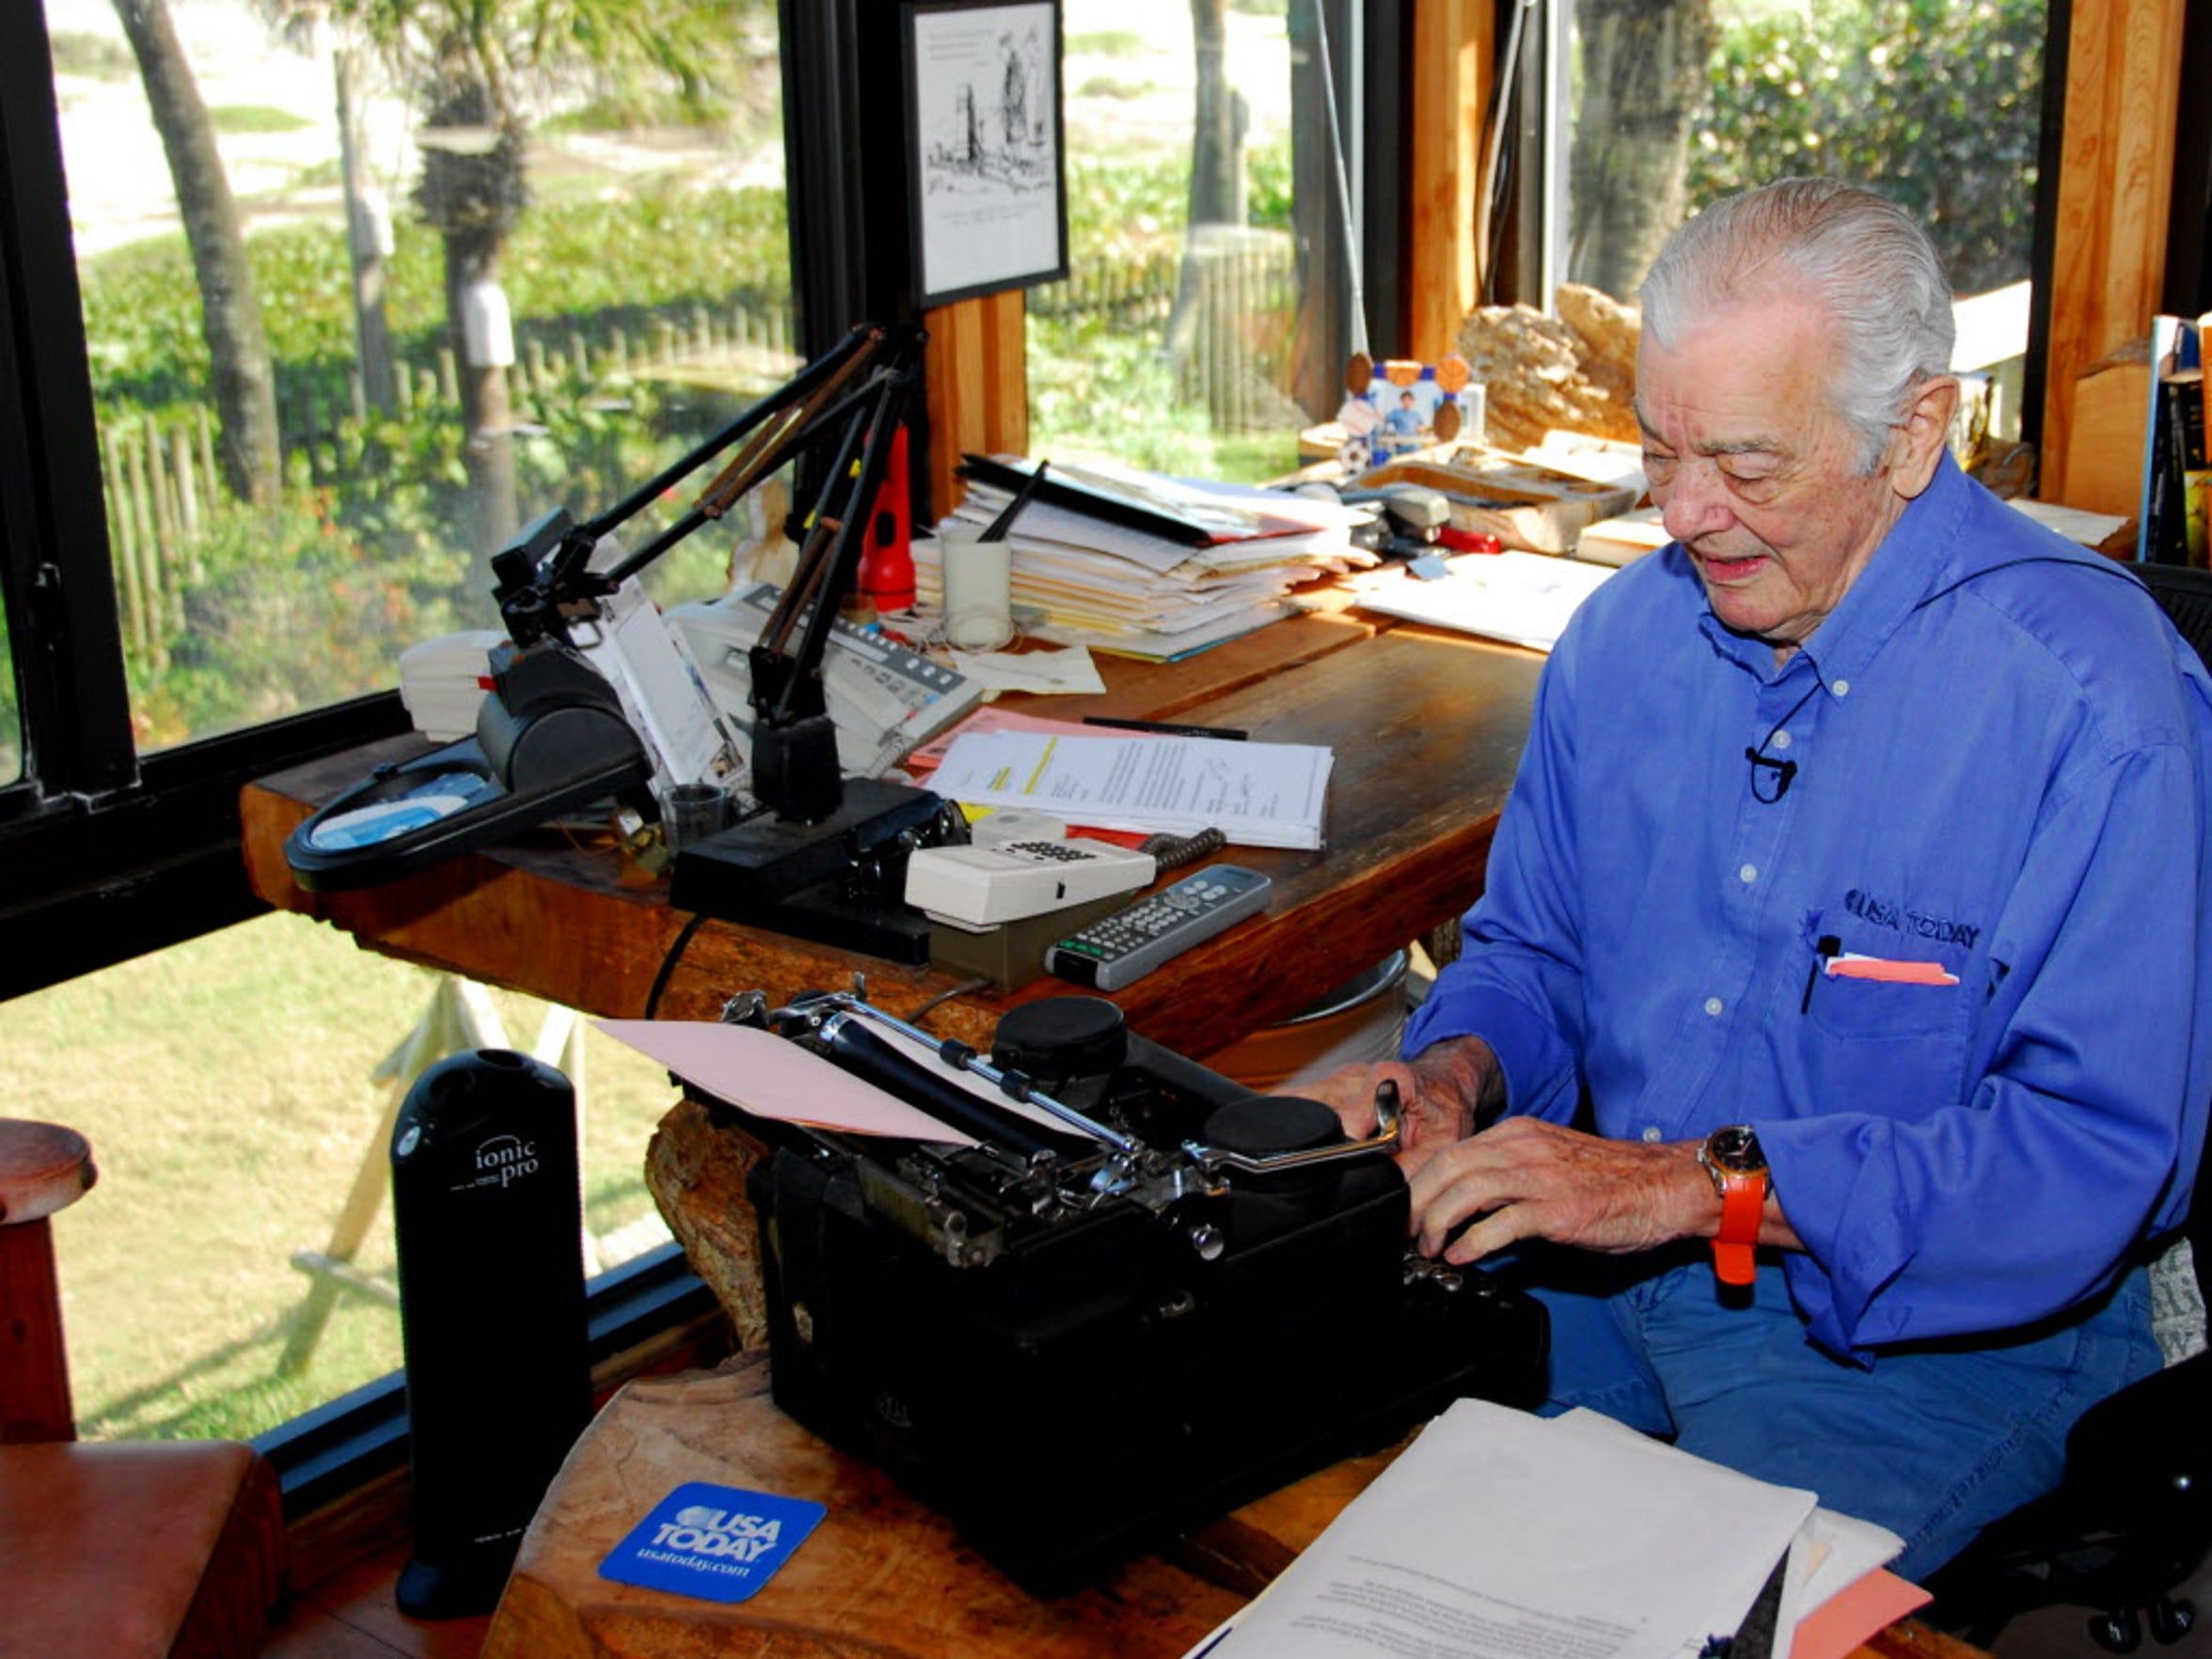 The late Al Neuharth writing in his Pumpkin Center